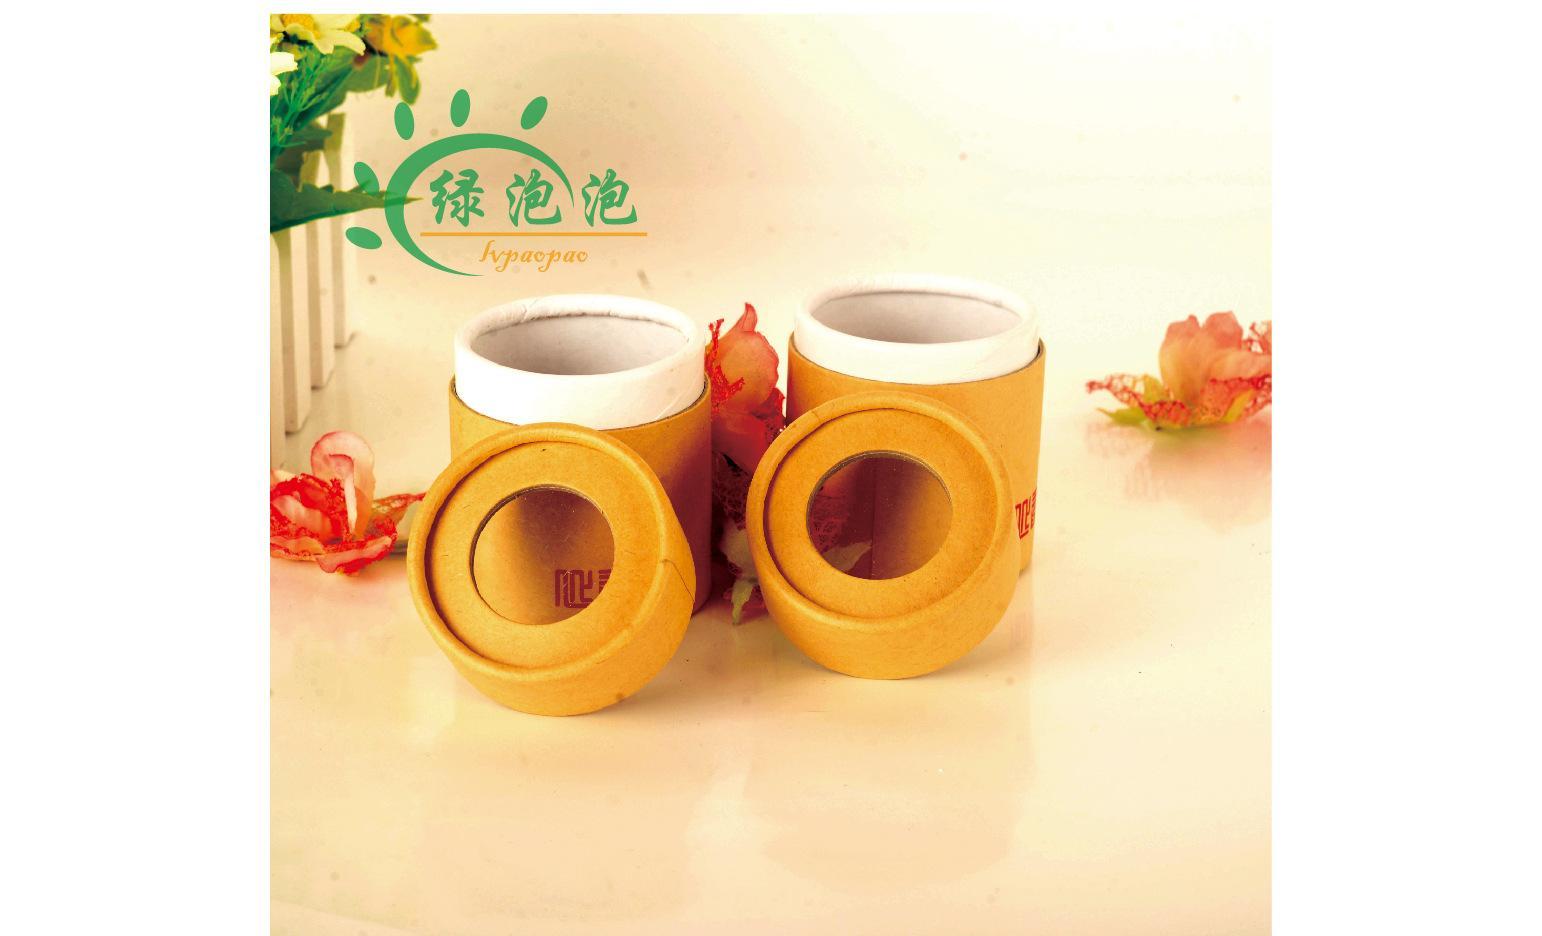 定做精美圆筒包装盒 茶叶纸罐印刷订制 圆形纸盒 纸筒 免费设计